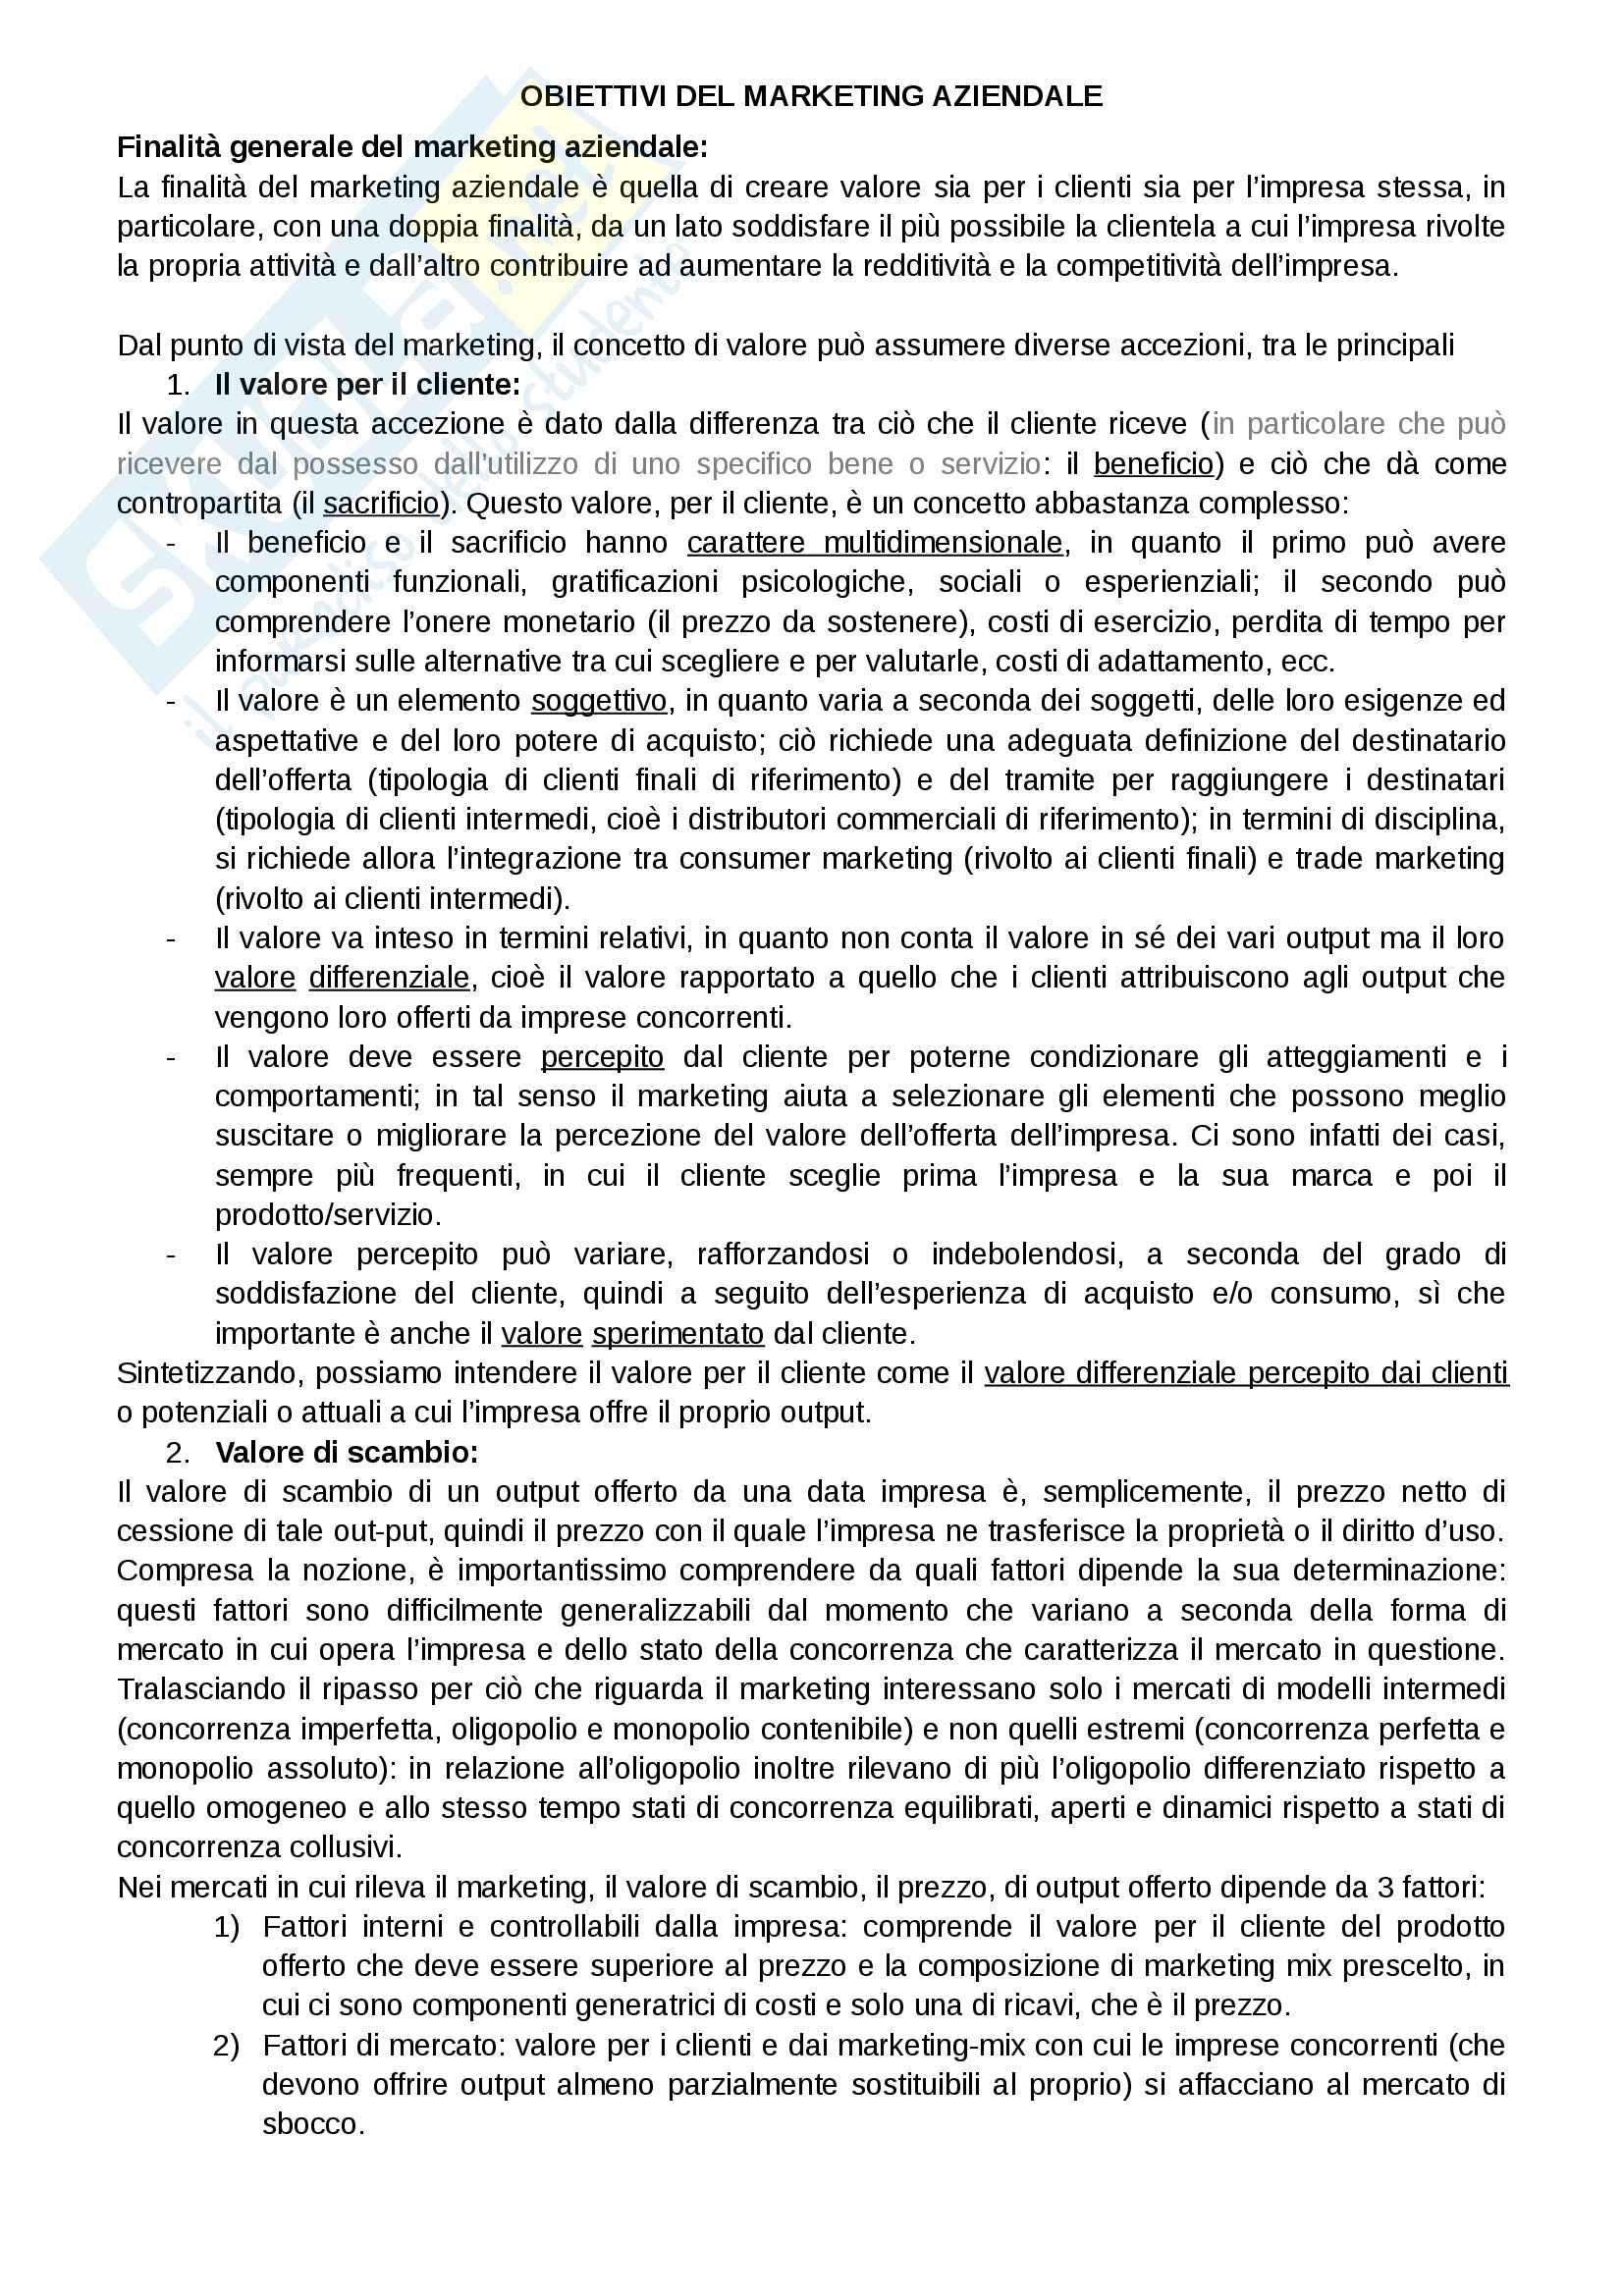 """Riassunto esame Marketing, docente Gian Luca Gregori, libro consigliato Marketing e creazione del valore"""", a cura di Giancarlo Ferrero"""